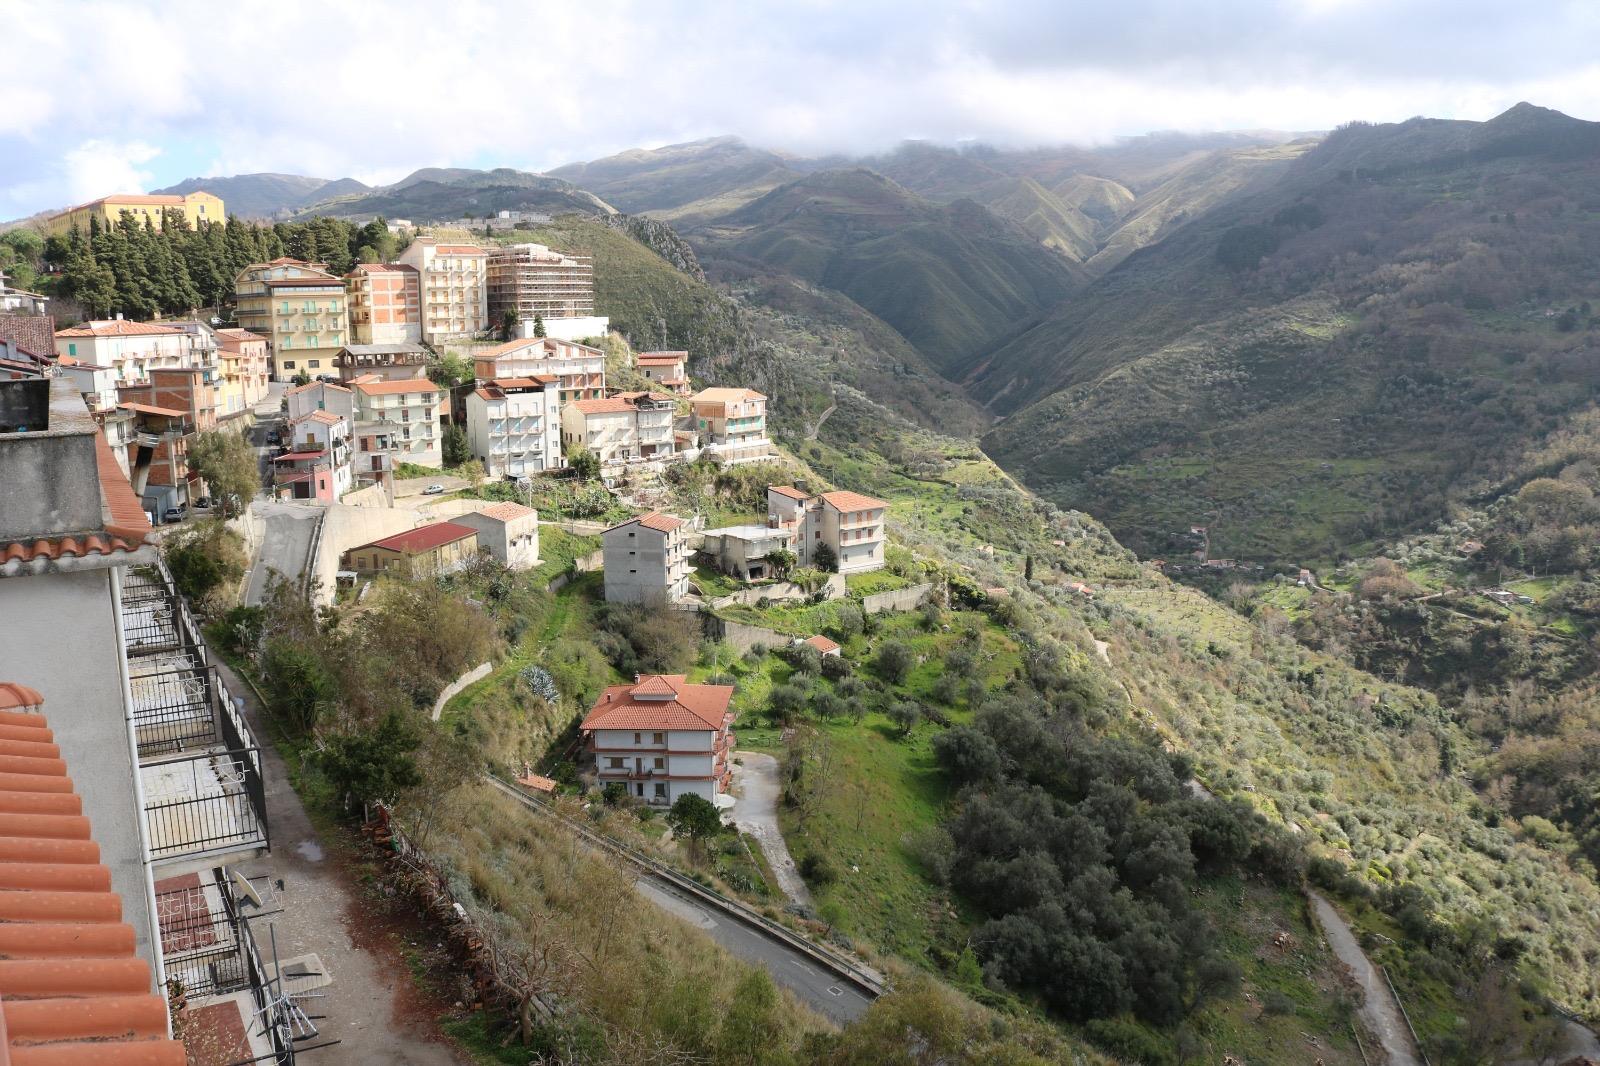 San Marco d'Alunzio, 3 milioni di euro per salvare il borgo dalla frana